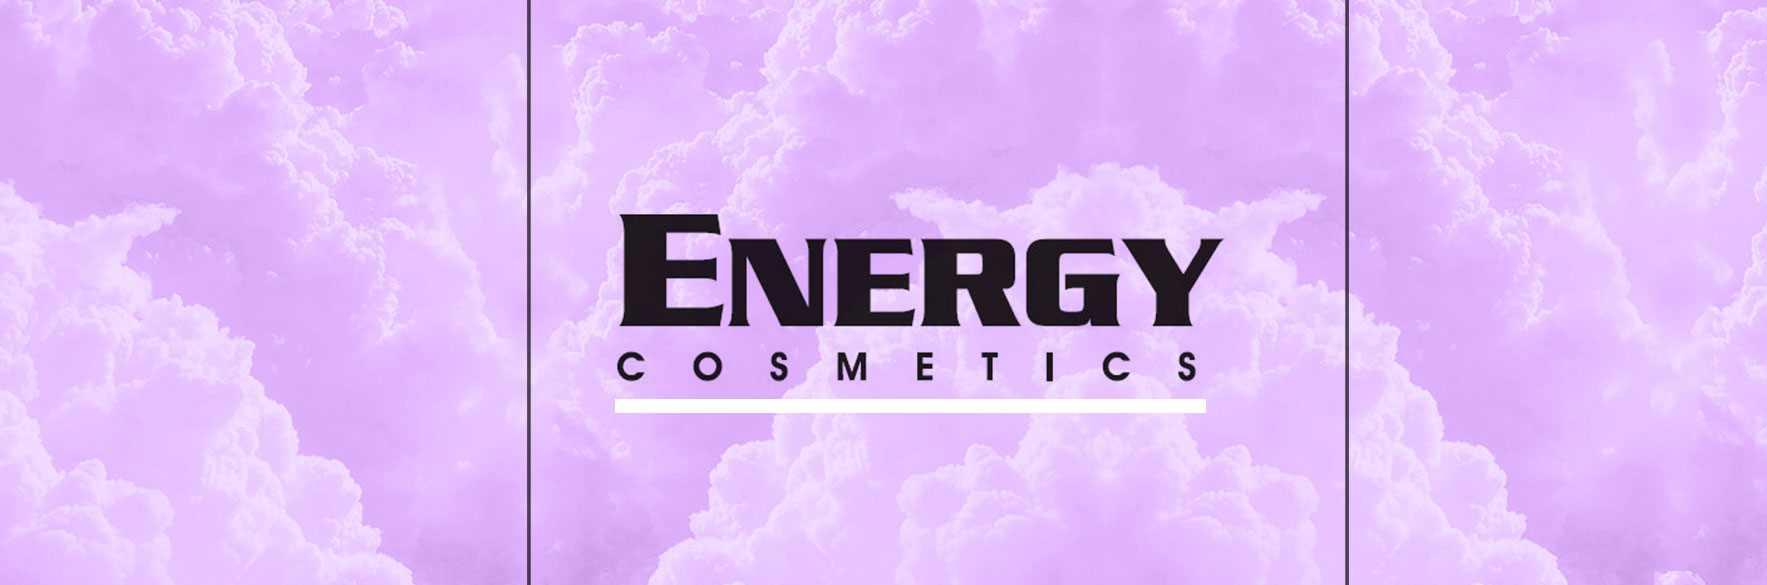 انرژی کازمتیکس